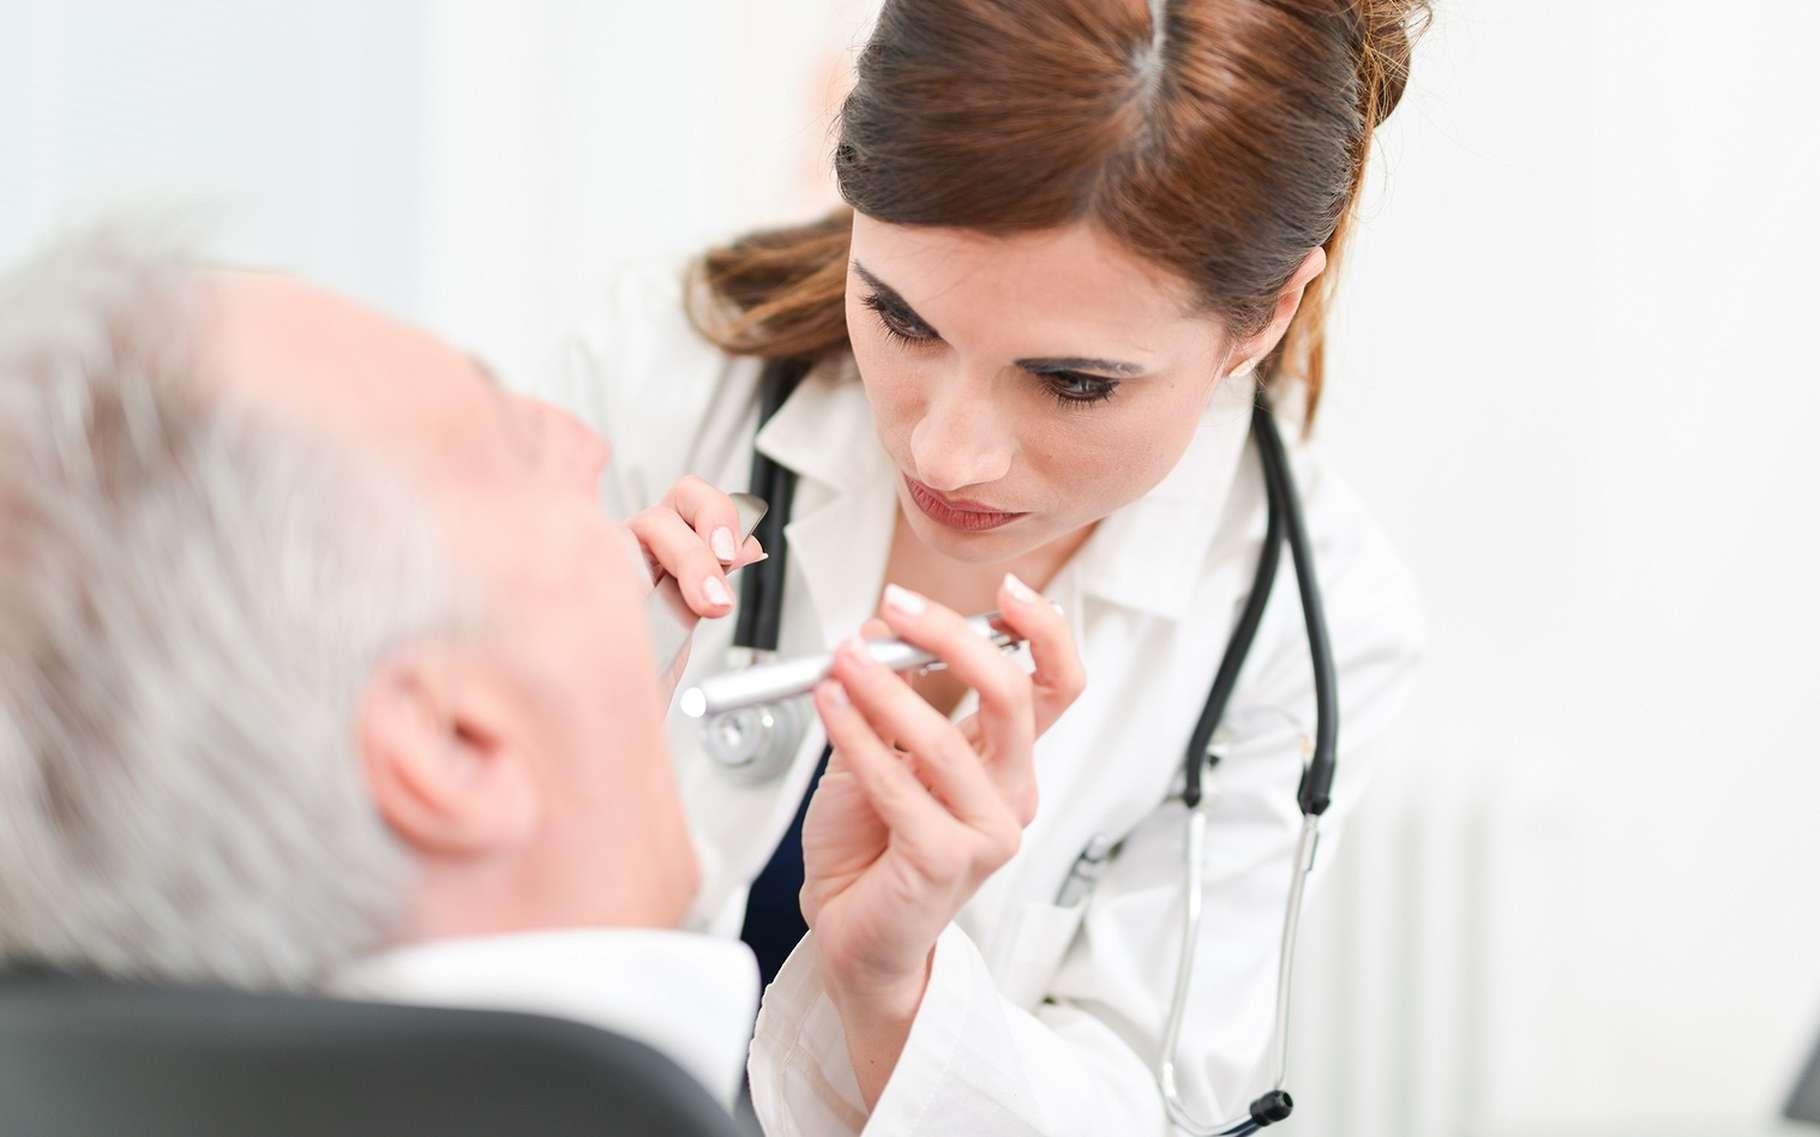 Le médecin examine la langue dans le cadre du diagnostic du cancer de la langue. © Minerva Studio, Shutterstock